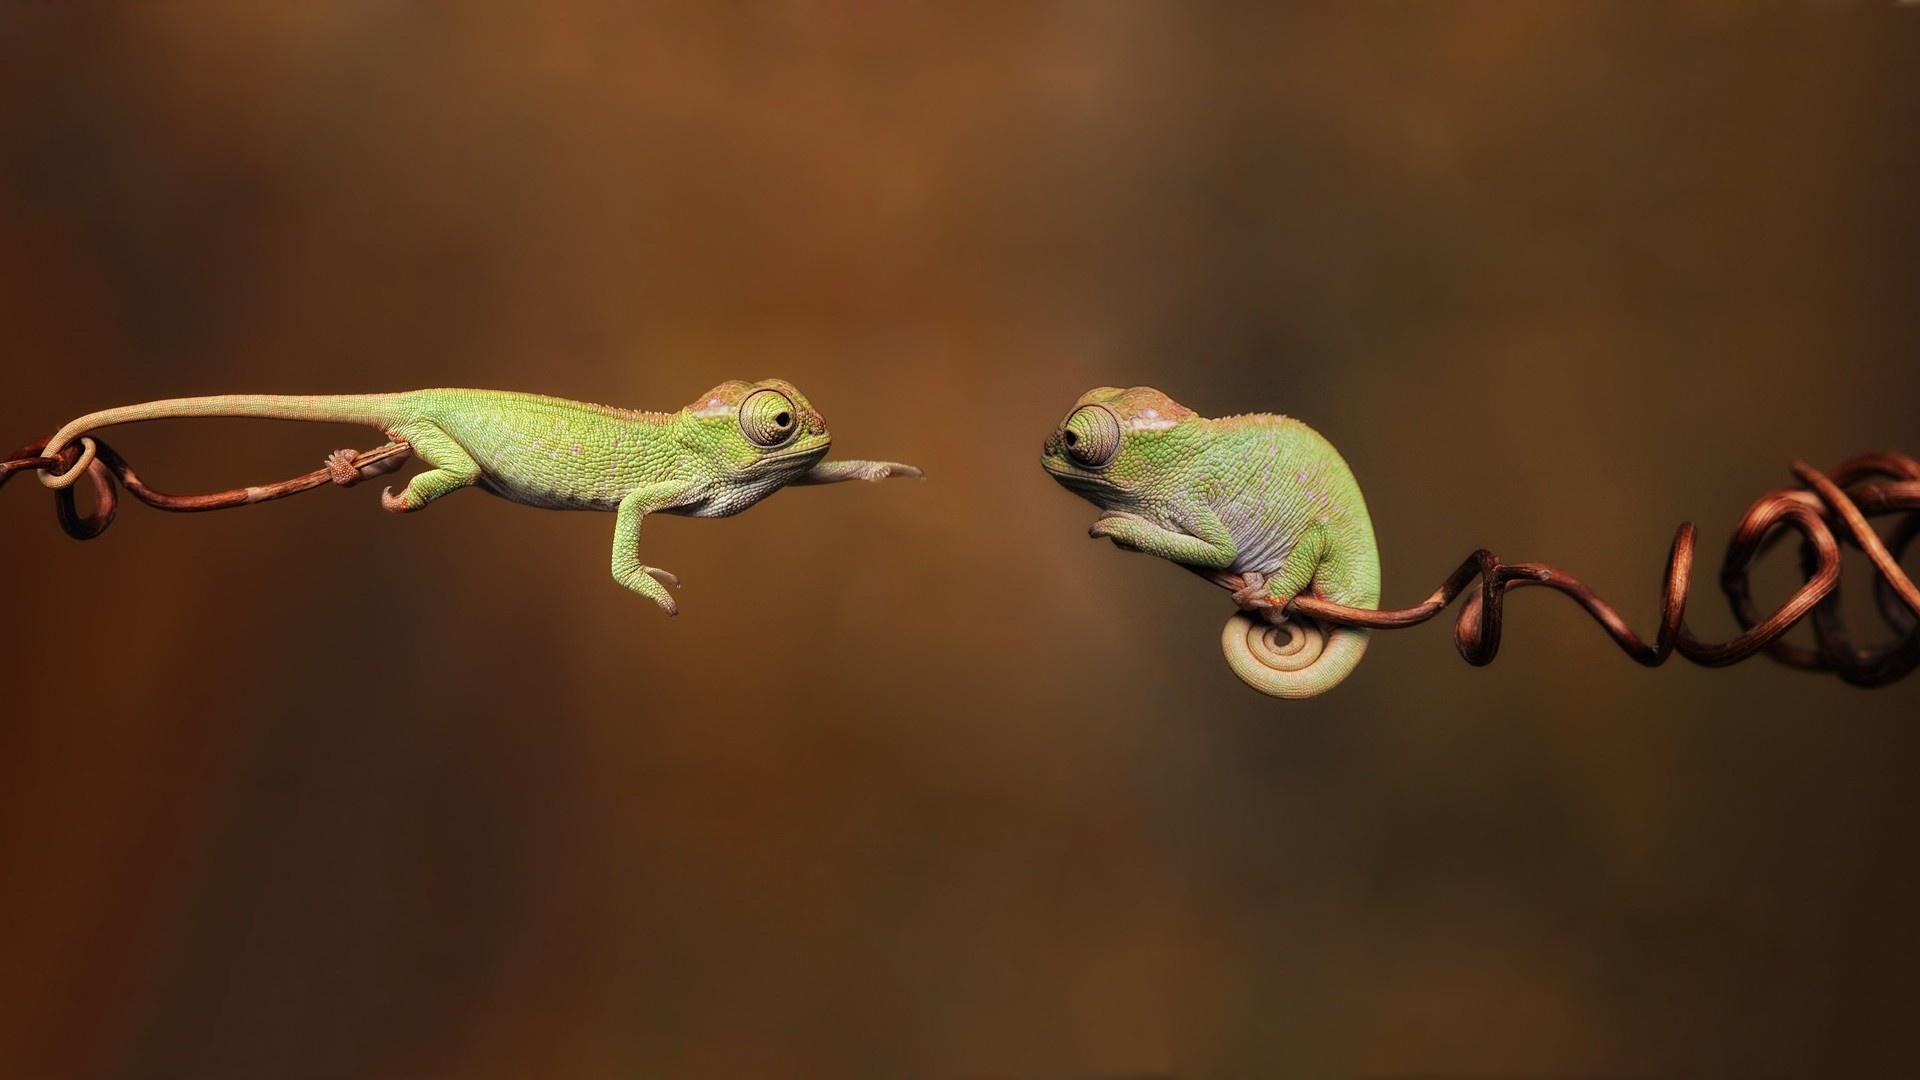 Green Lizard Wallpaper 21417 1920x1080 px